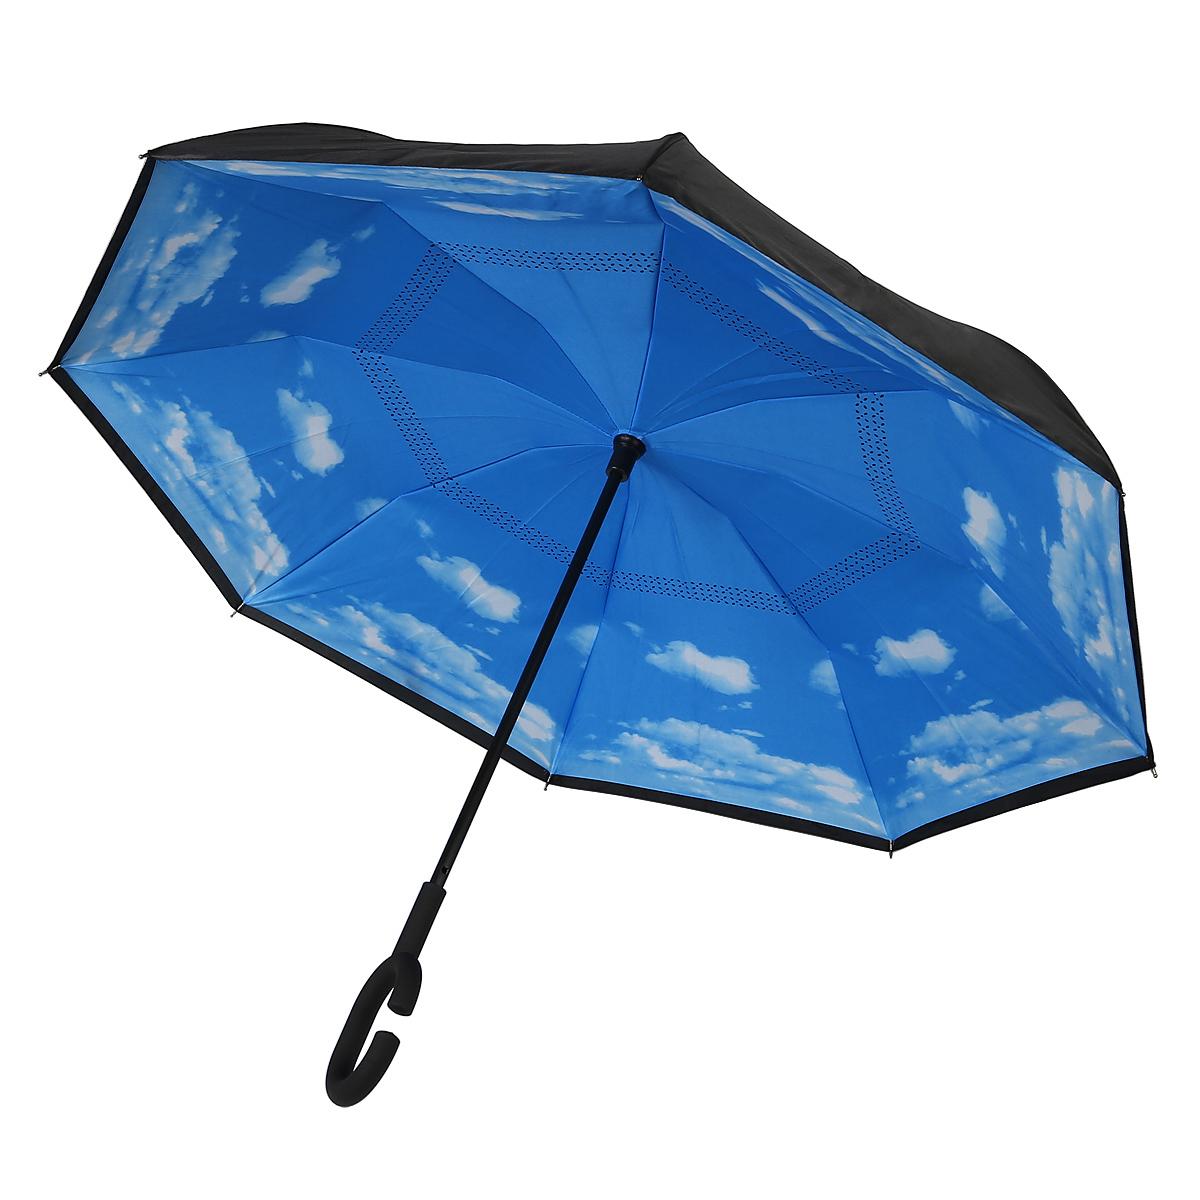 Зонт Эврика Неваляшка Небо, цвет: голубой, черный. 97854CX1516-50-10Оригинальный зонт - неваляшка. Он никогда не упадет, его удобно сложить и поставить в угол.Диаметр купола 110 см, длина зонта 80 смУпаковка: прозрачный пакет